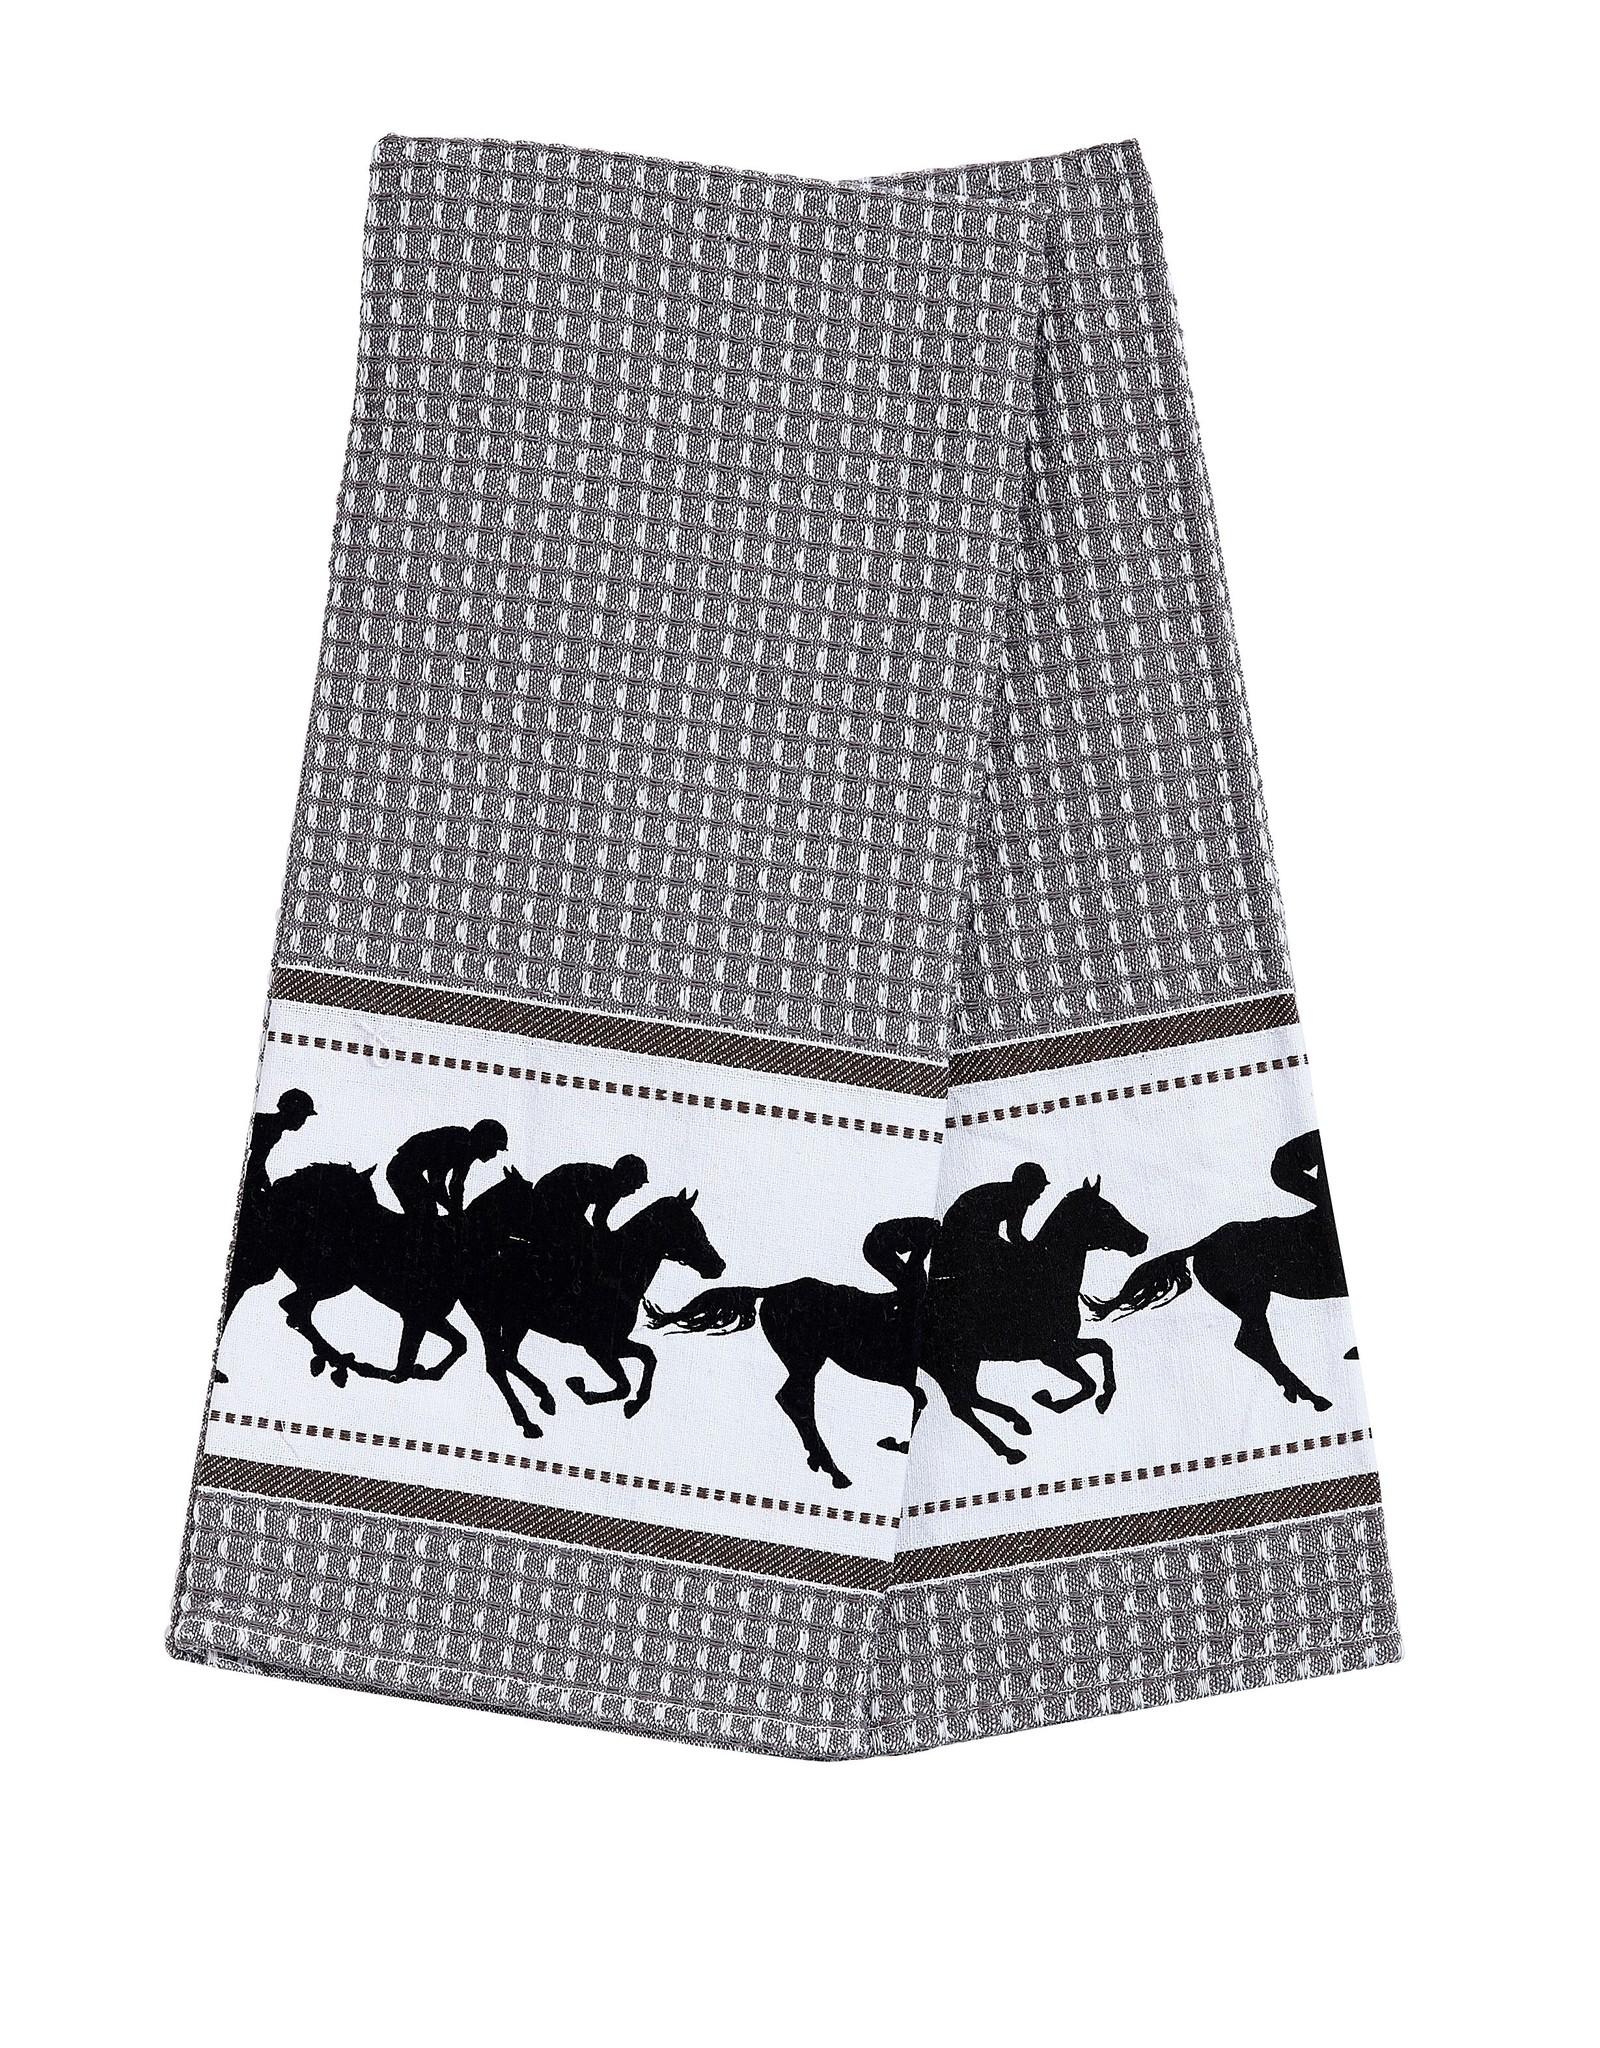 AWST RACE HORSE KITCHEN TOWEL